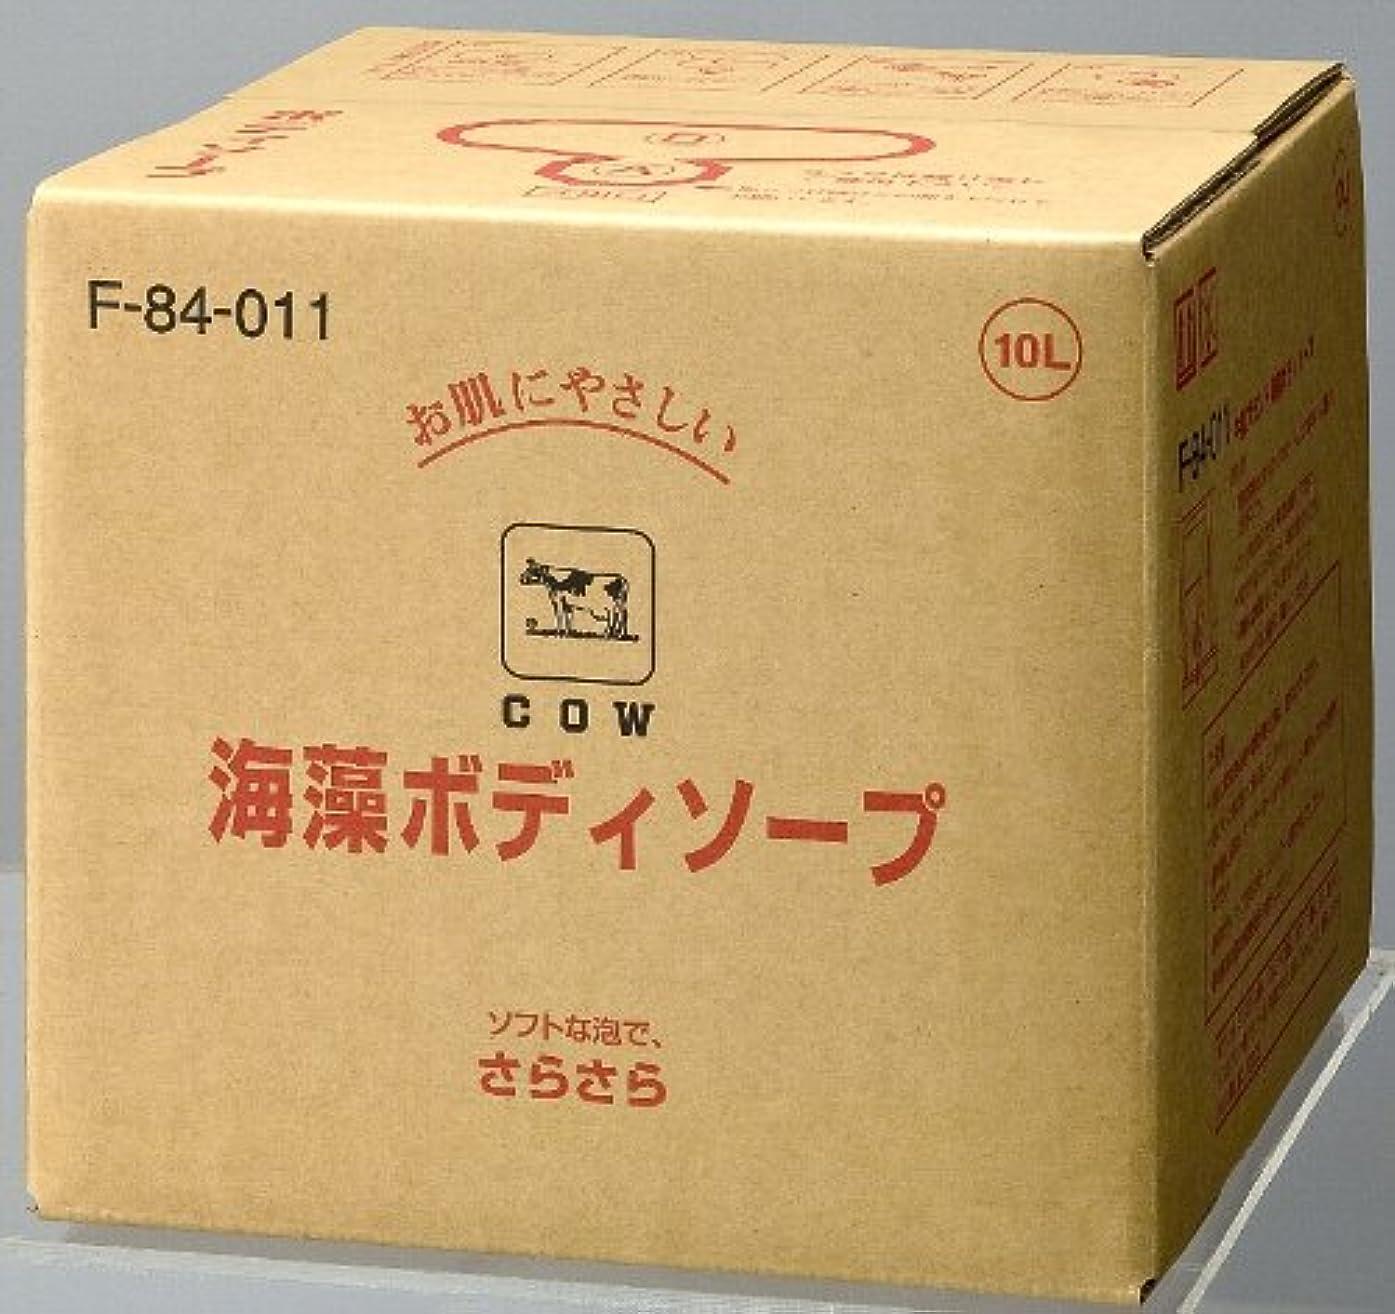 フェードアウト援助放棄【業務用】カウブランド海藻ボディソープ 10L